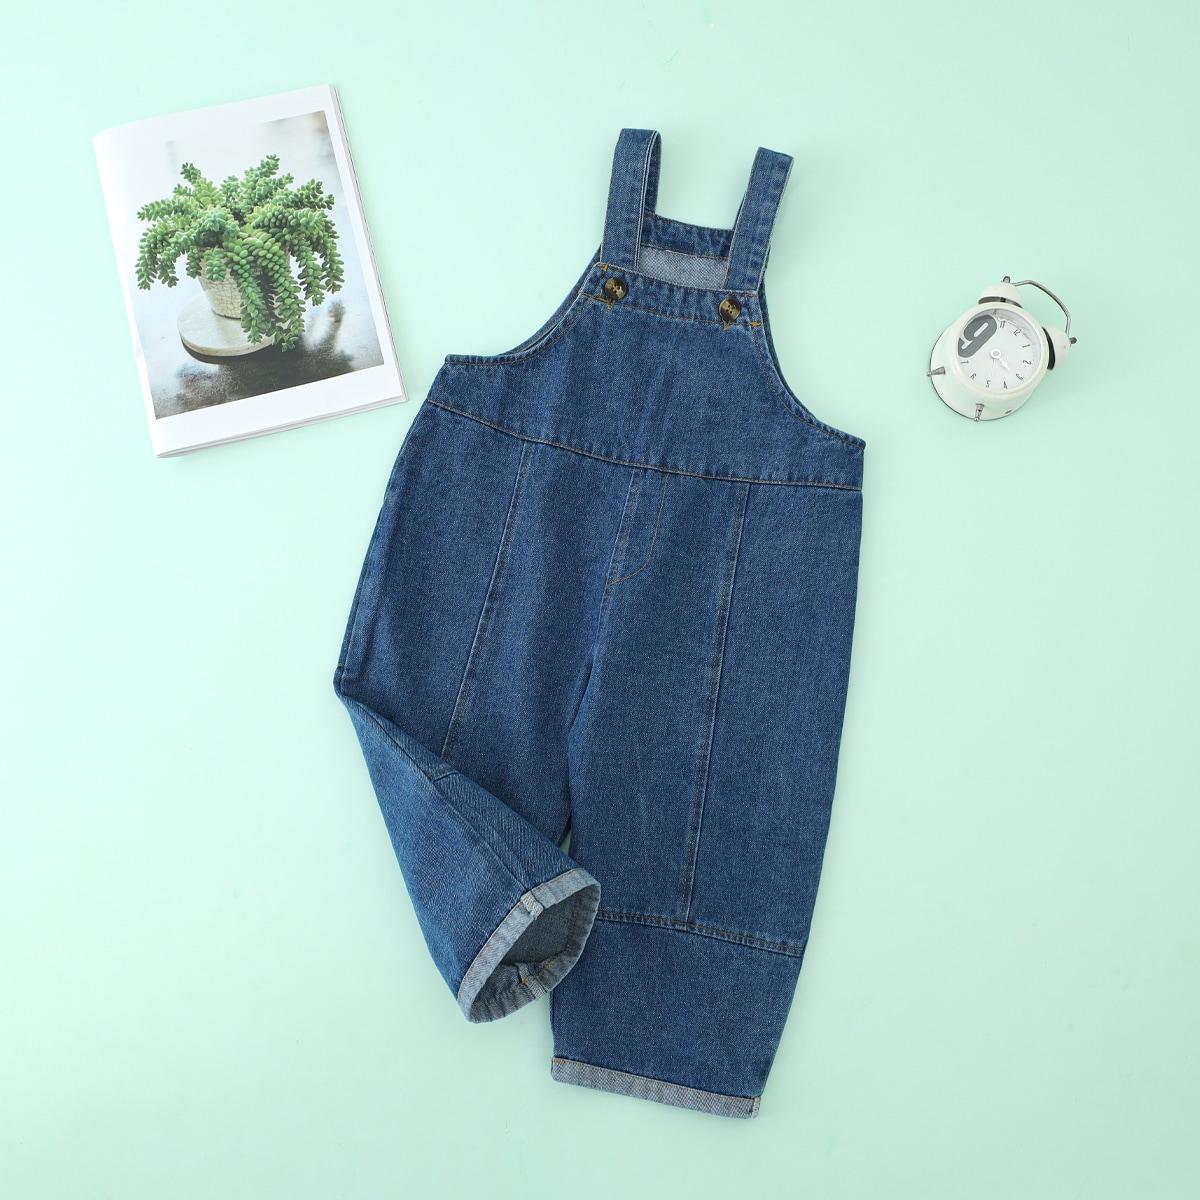 Простой джинсовый комбинезон на подтяжках для маленьких девочек с пуговицами